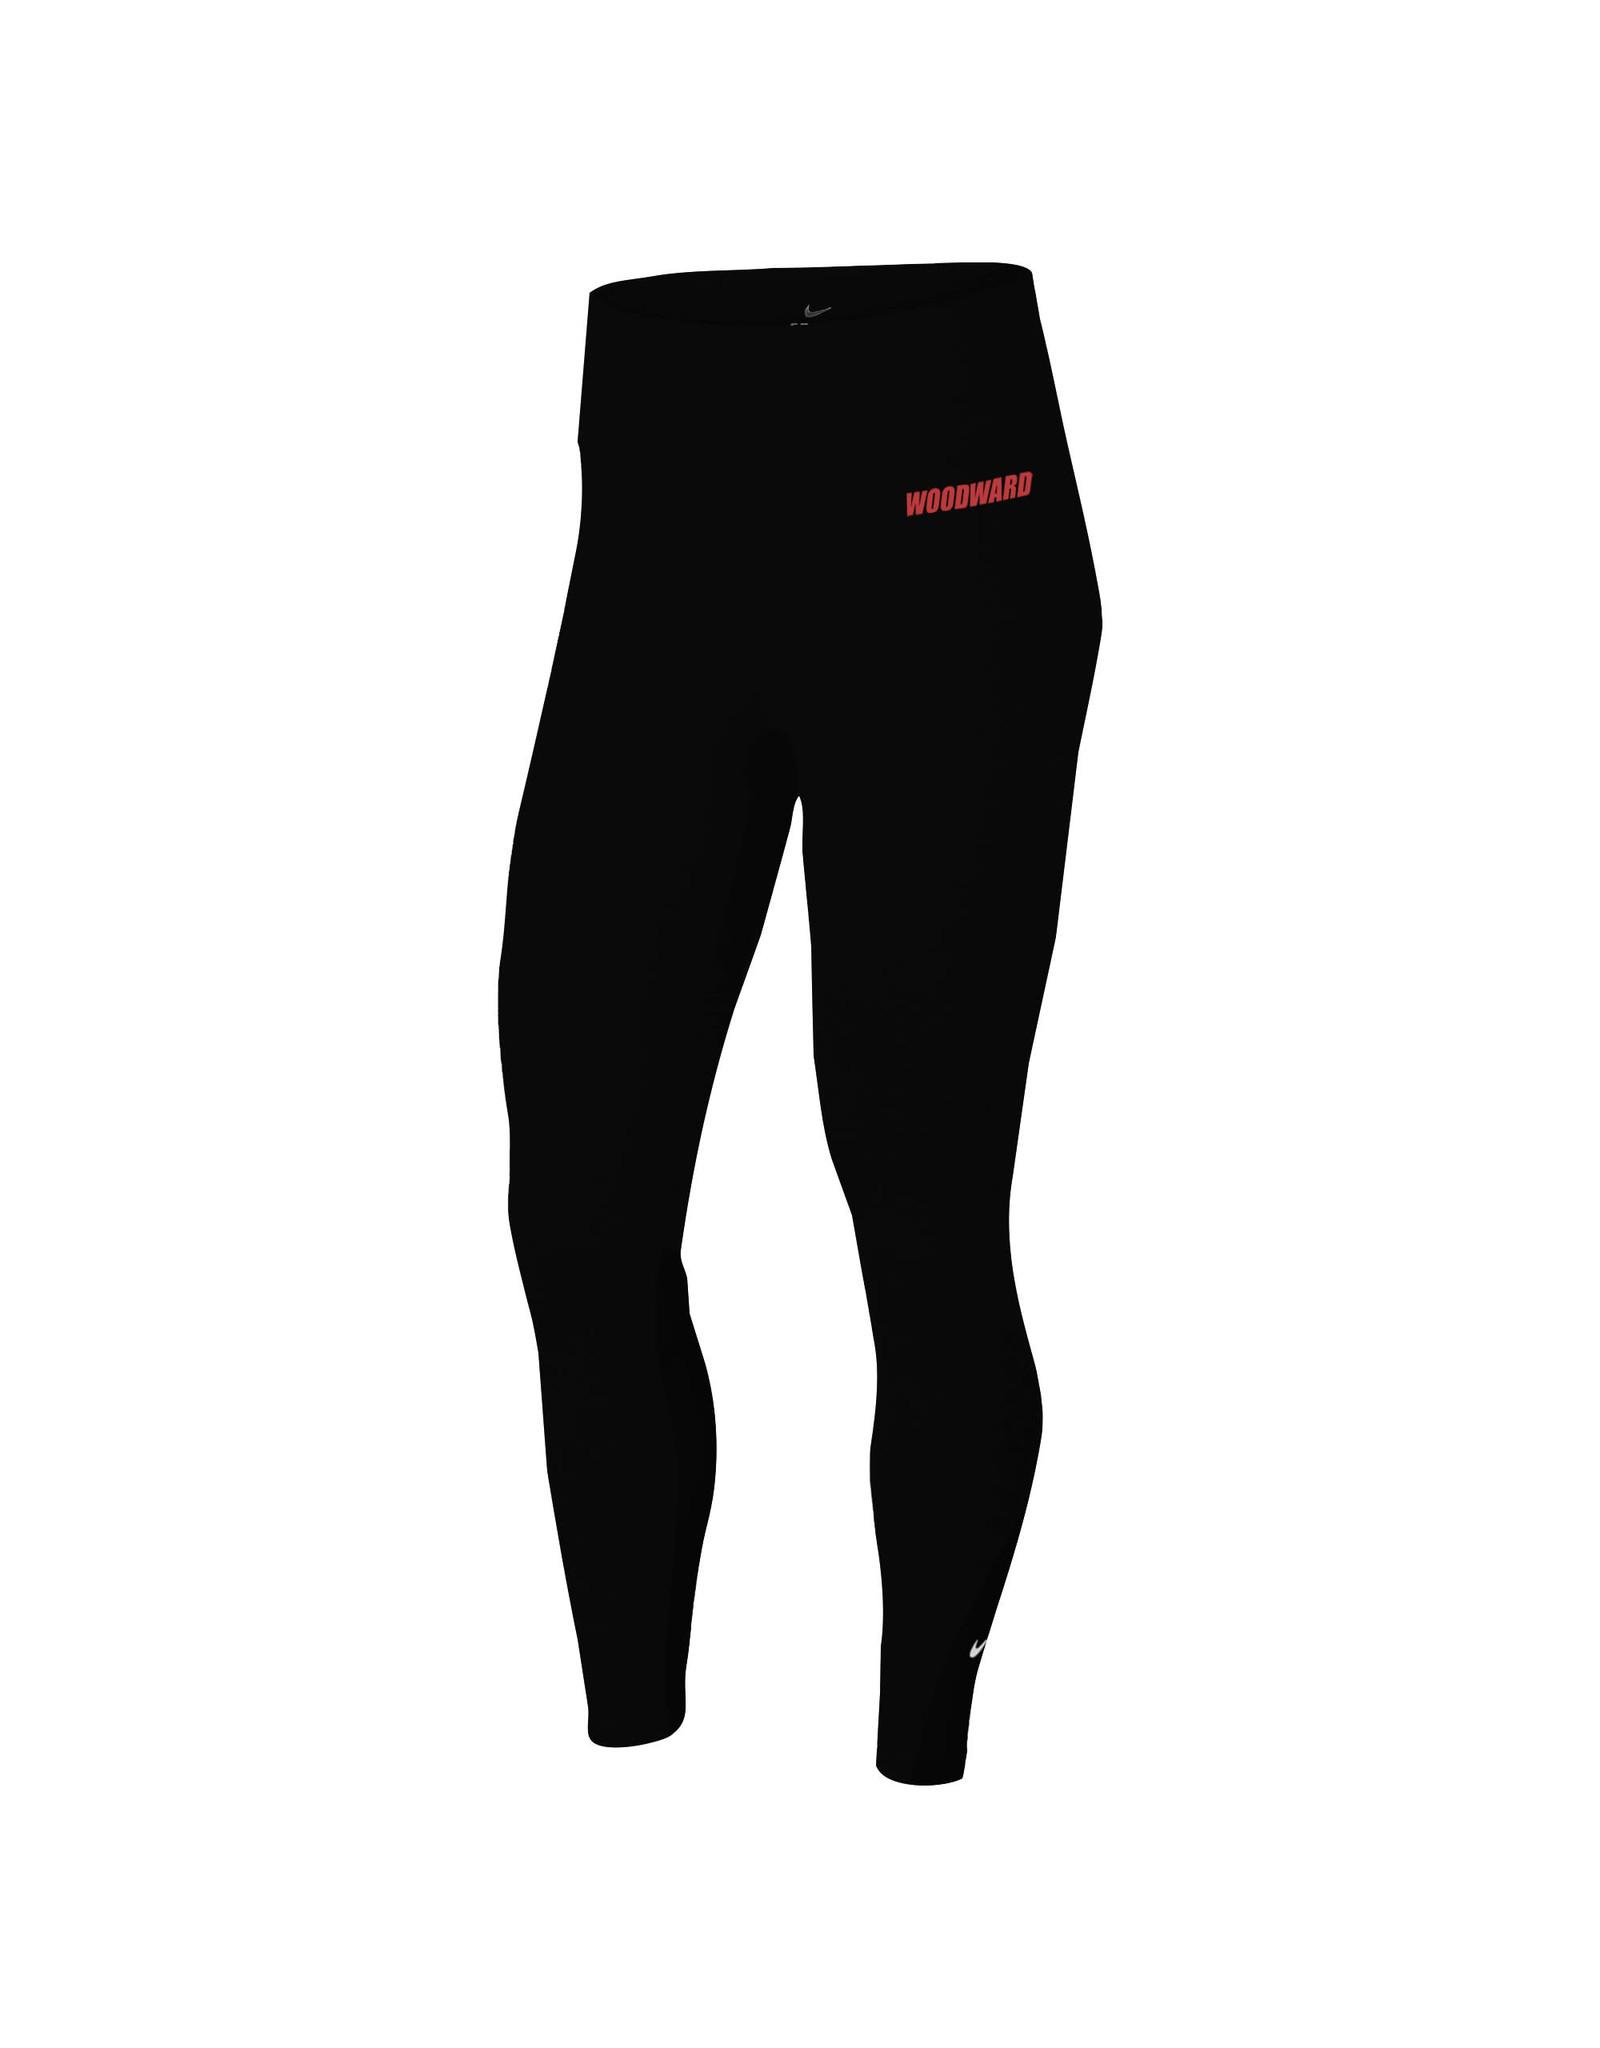 NIKE One Tight Legging in Black